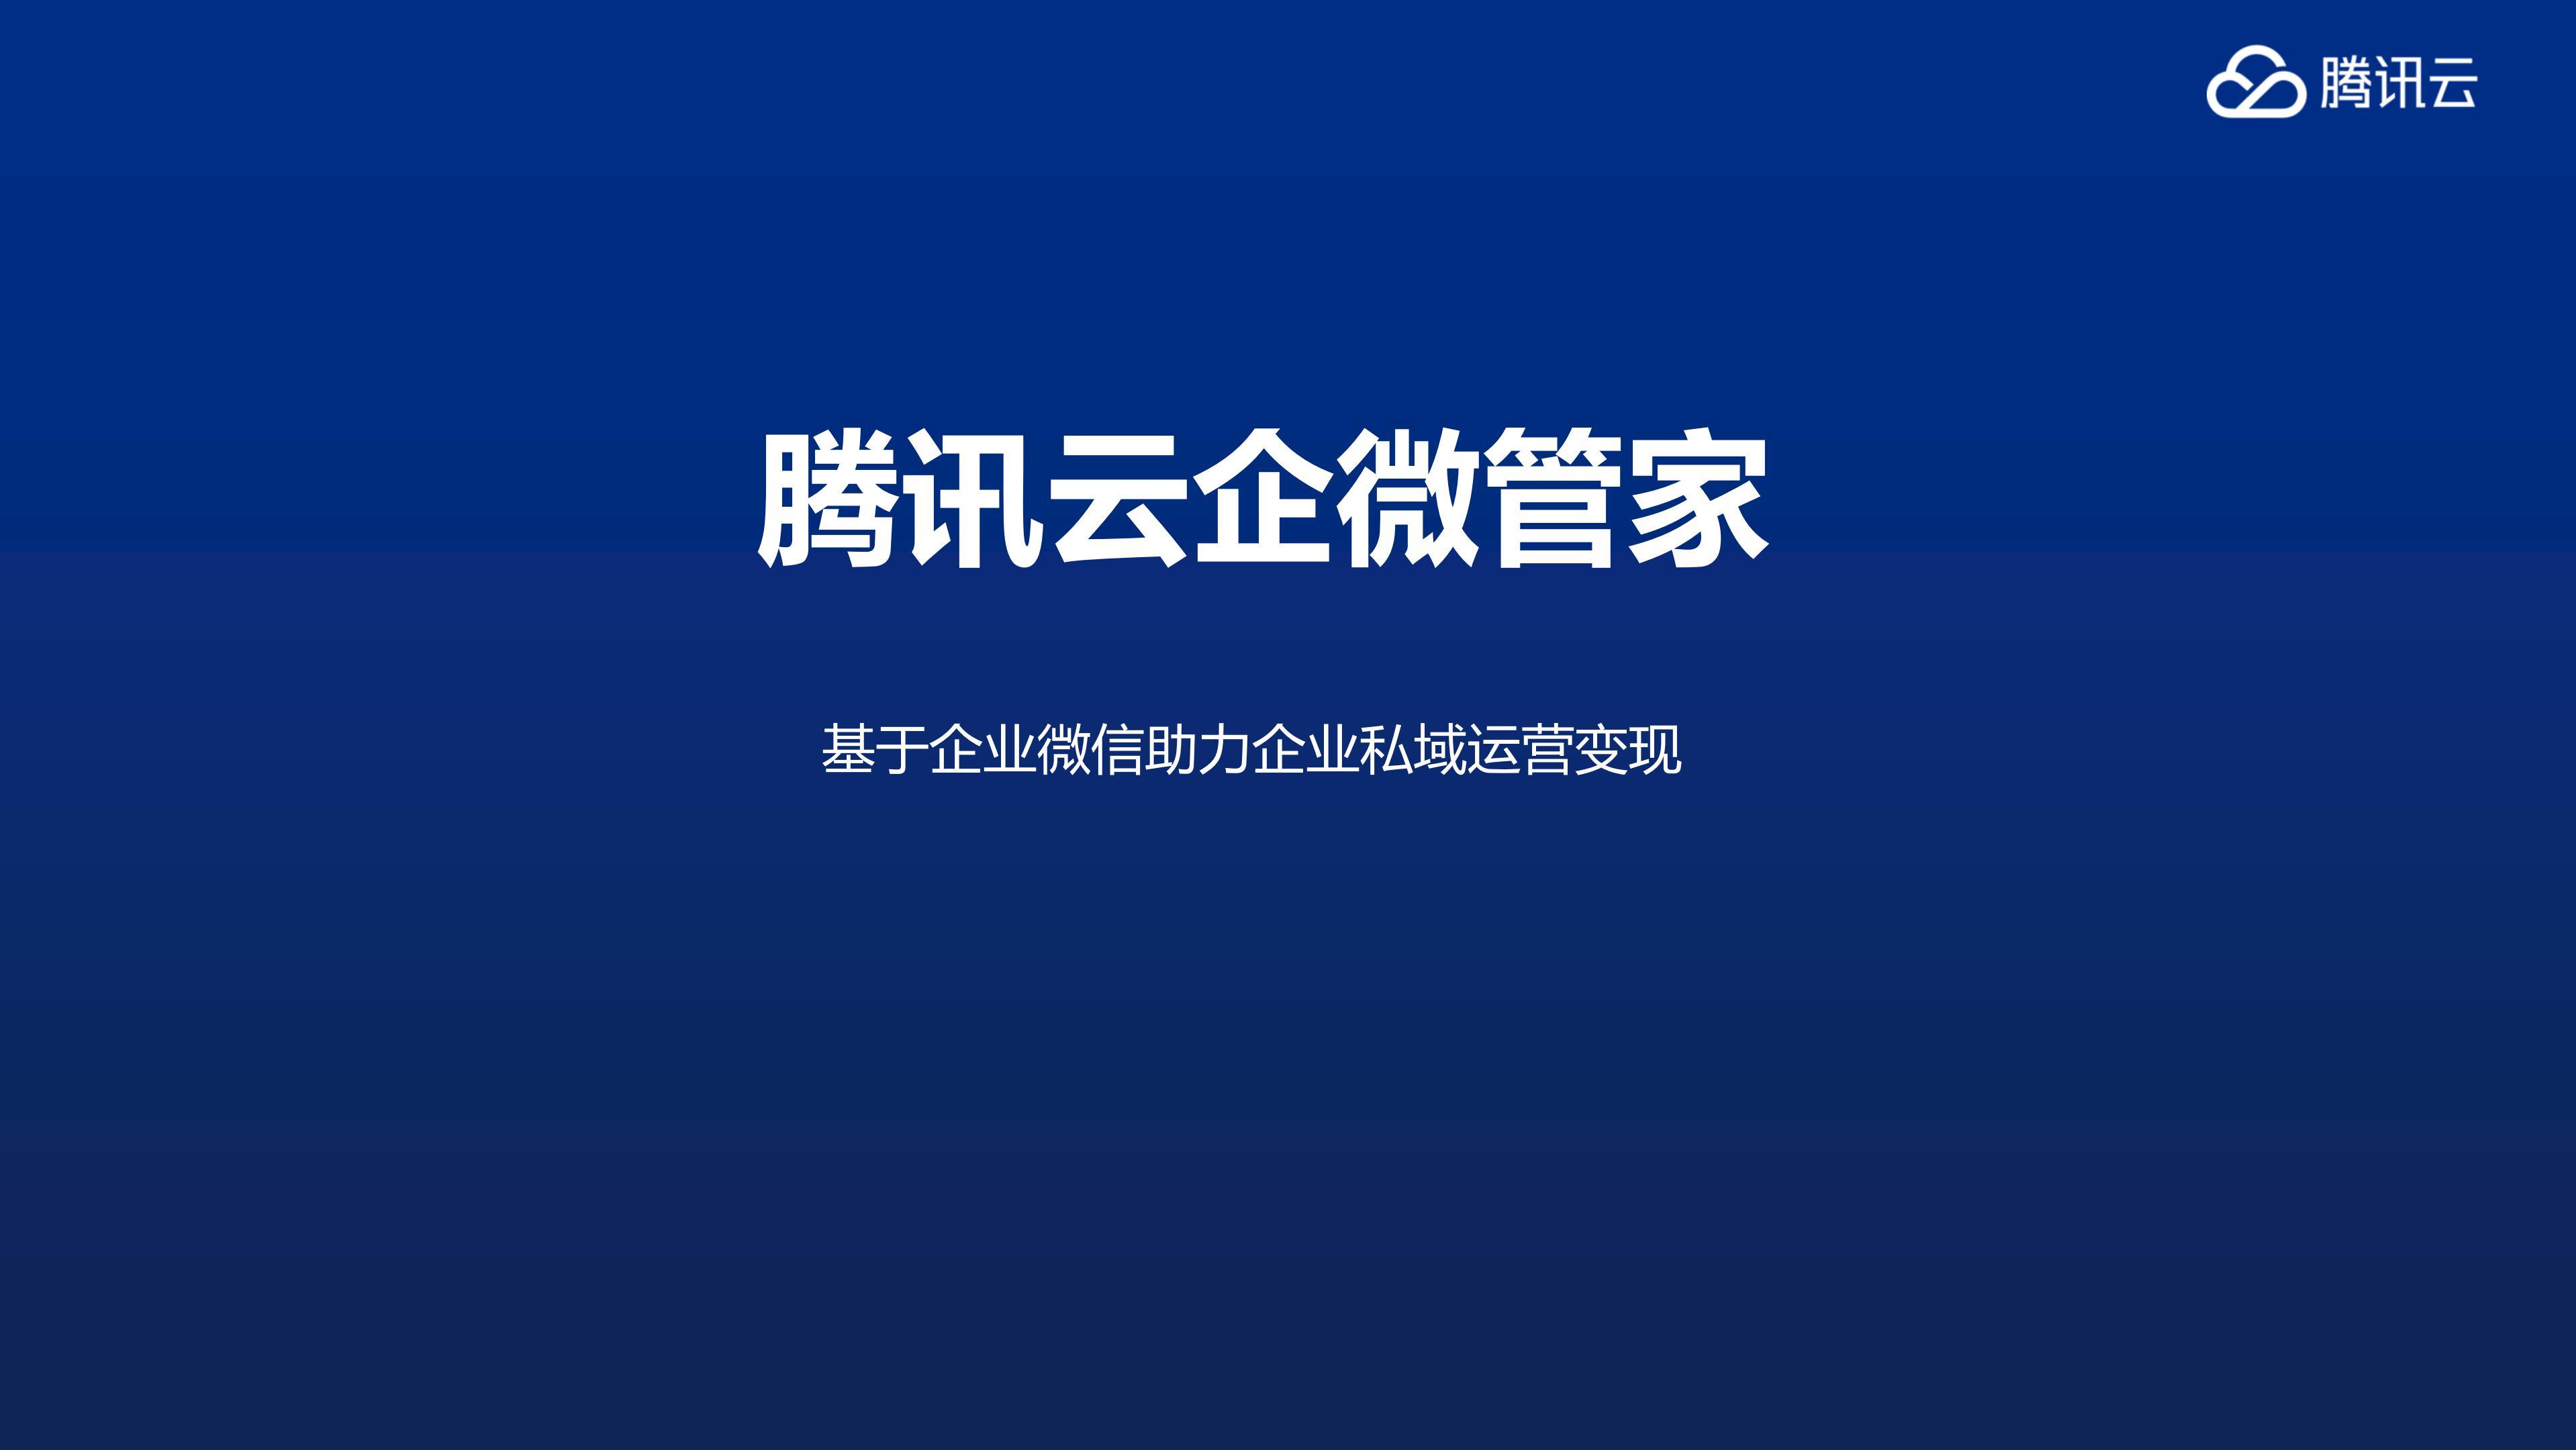 腾讯云企微管家产品介绍_01.jpg